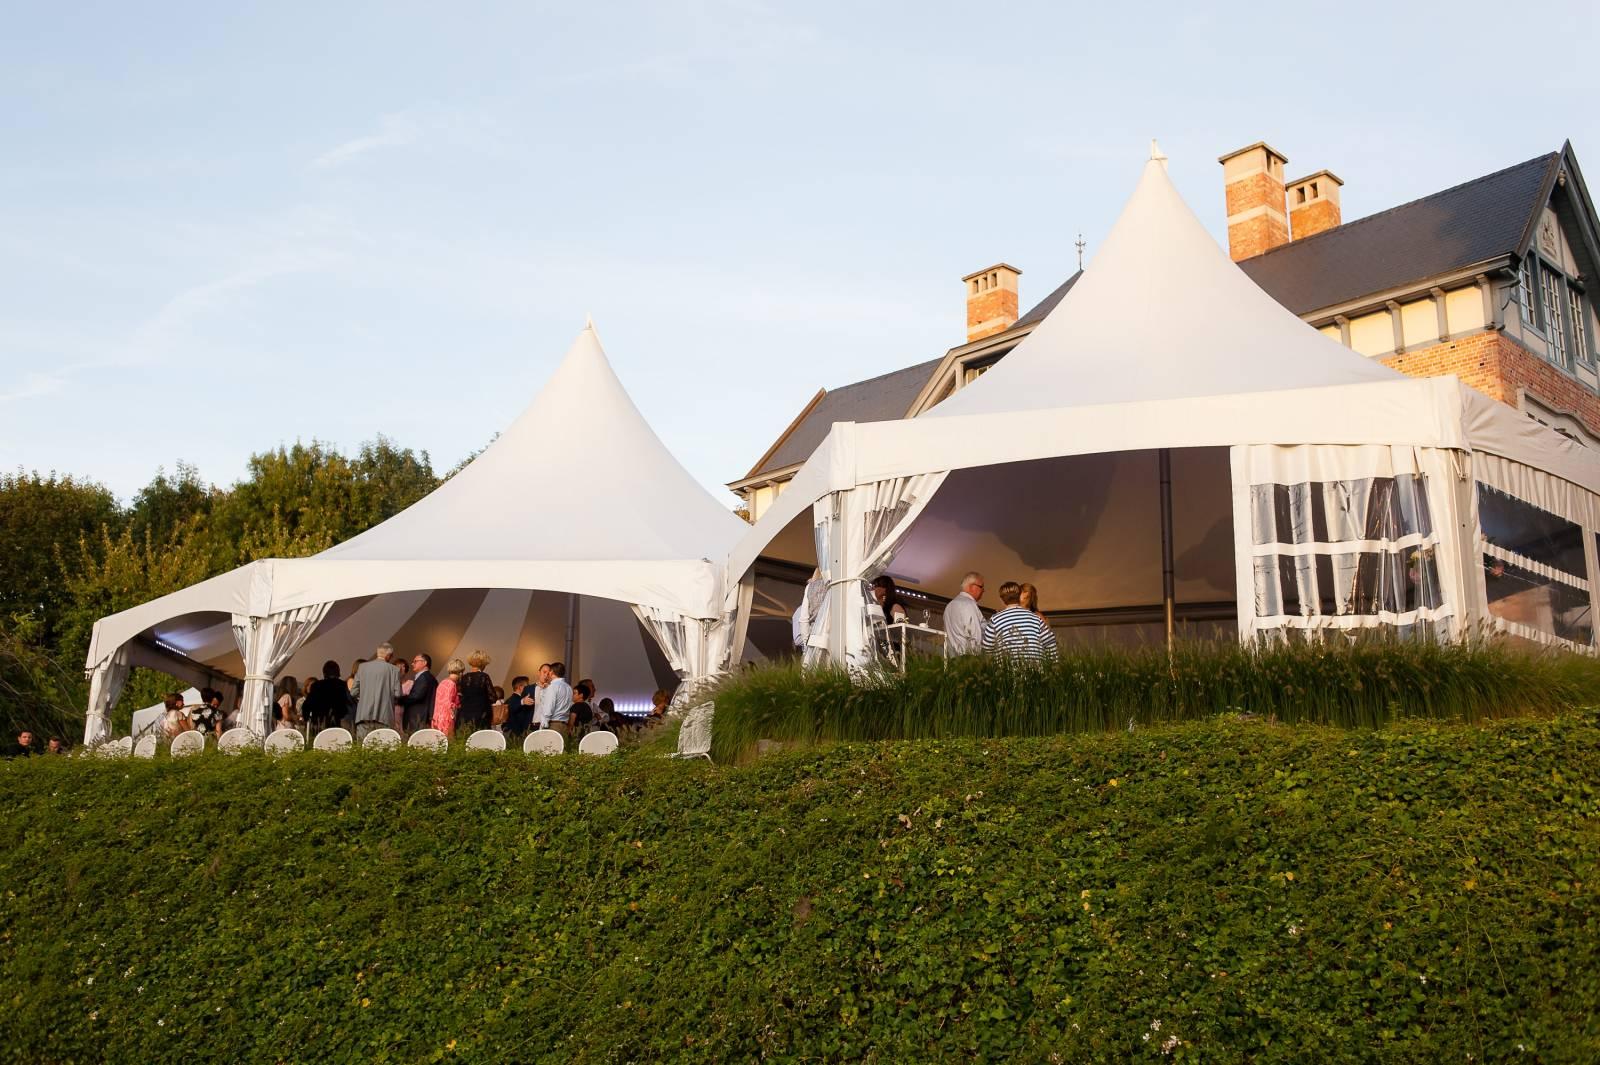 Domein Saint-Hubert - House of Weddings - Feestzaal Oost-Vlaanderen - Ronse - huwelijk - ceremonie cateri (11)